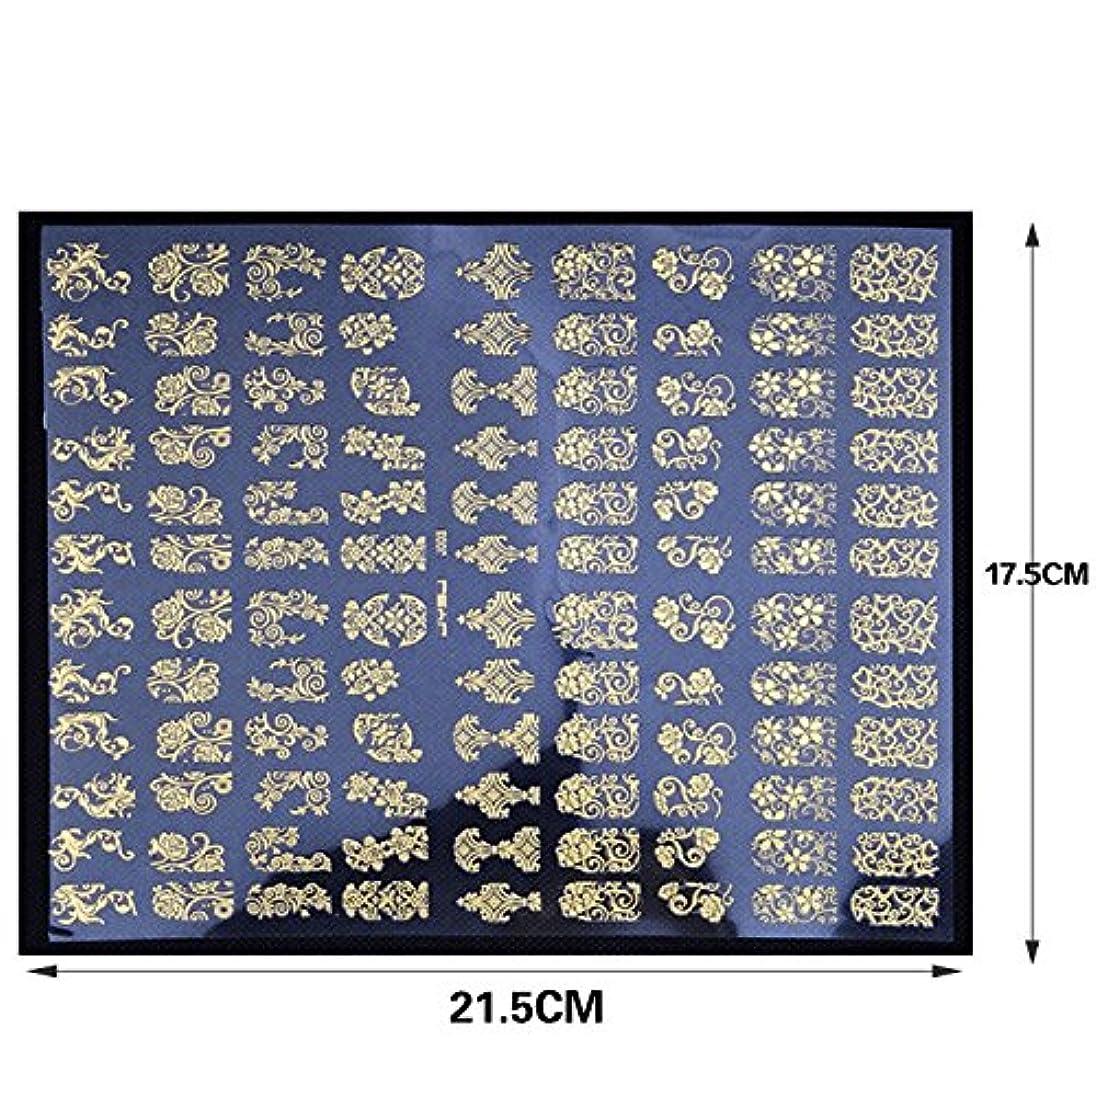 アセンブリ定期的な豊富なネイルステッカー 1シート108枚 / ネイルシール/ネイルホイル/ネイルアートテープ/デコレーション/ジェルネイル (silver)